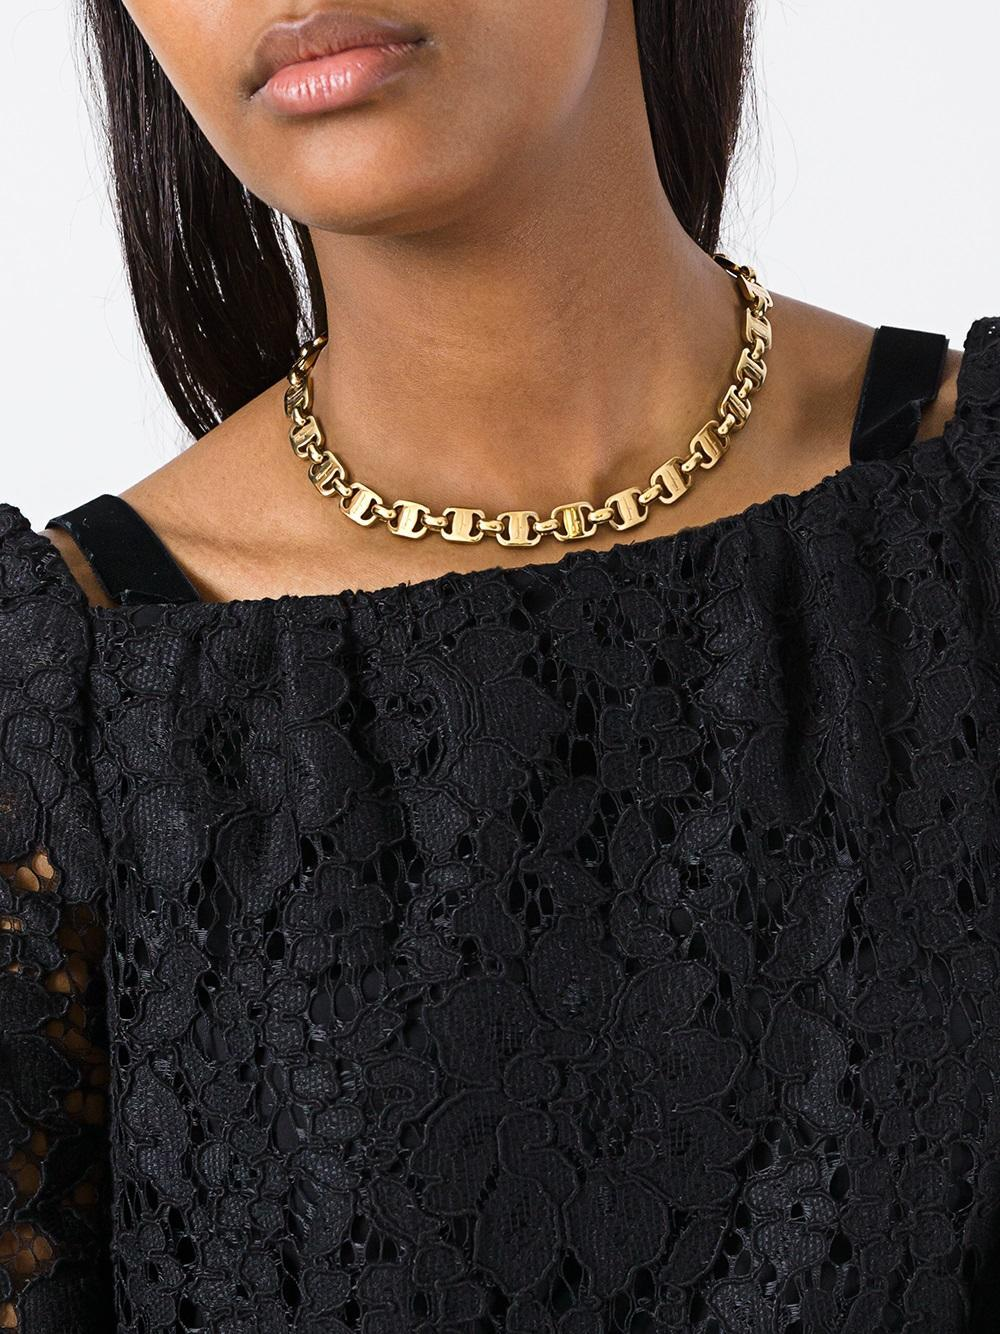 Ferragamo Vara Plate Necklace